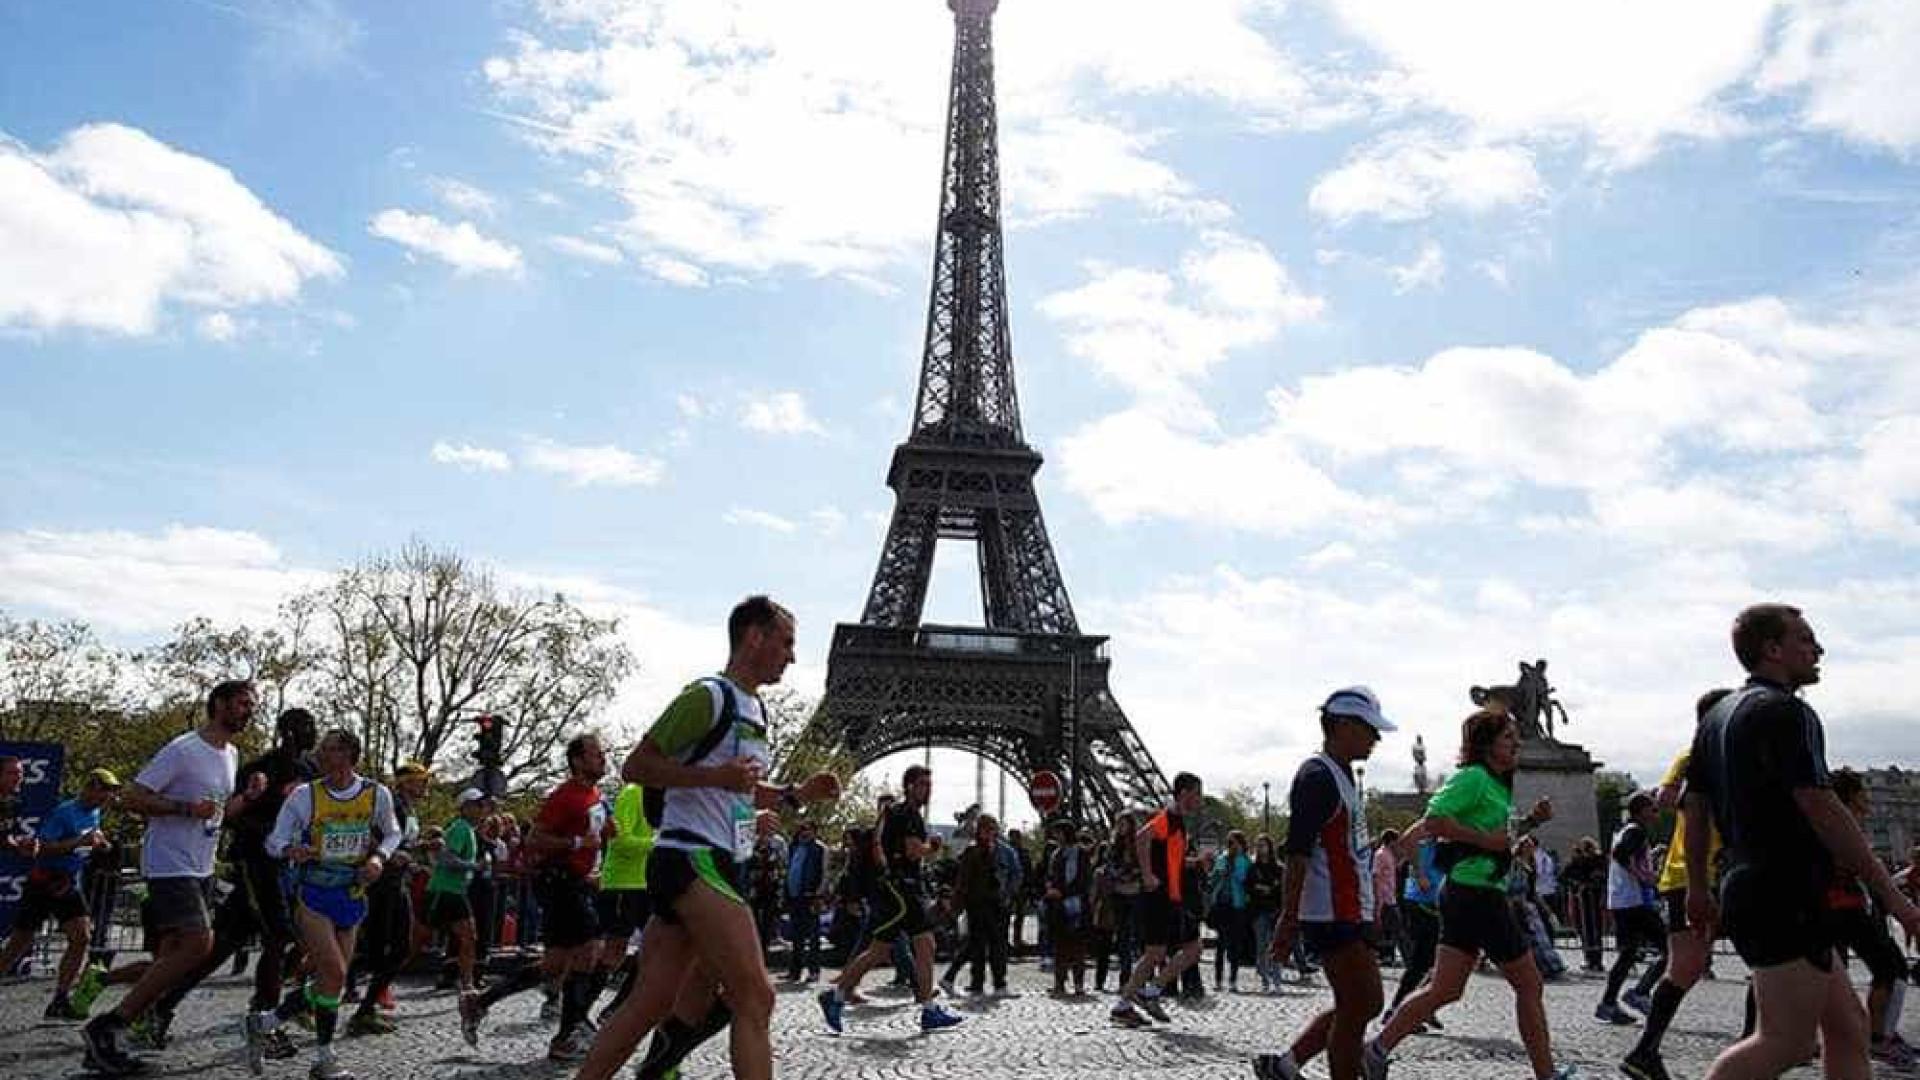 Maratona de Paris é cancelada com novo surto da covid-19 no país